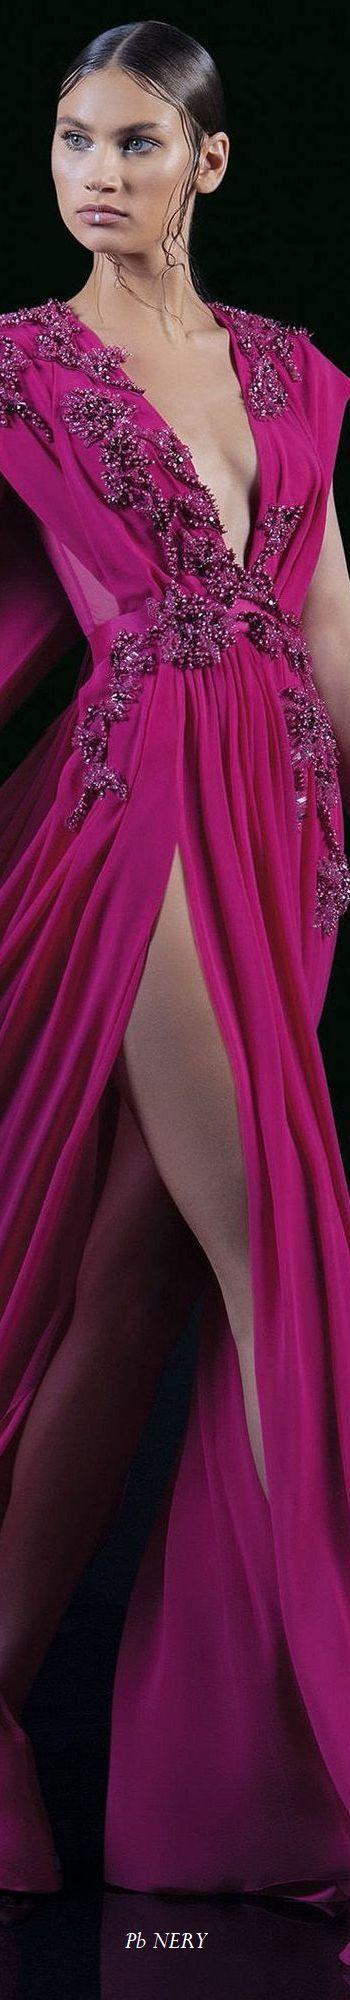 Lujo Vestidos De Dama De Rubor Pinterest Ilustración - Vestido de ...